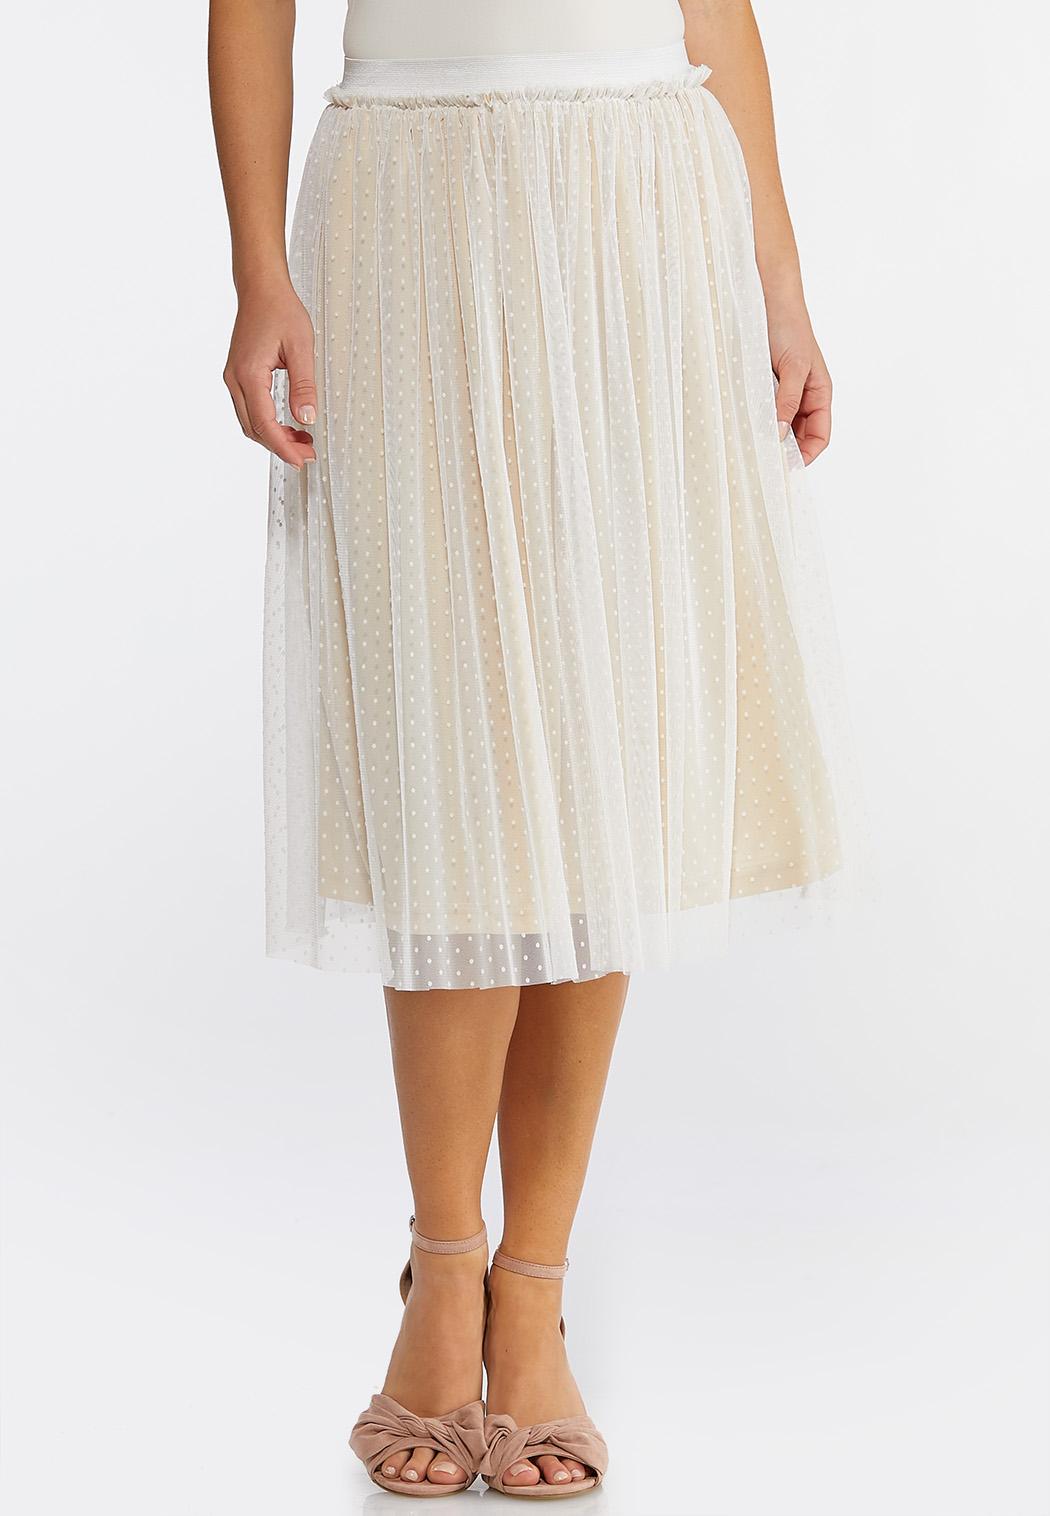 b0e415d8d5970 Women s Skirts